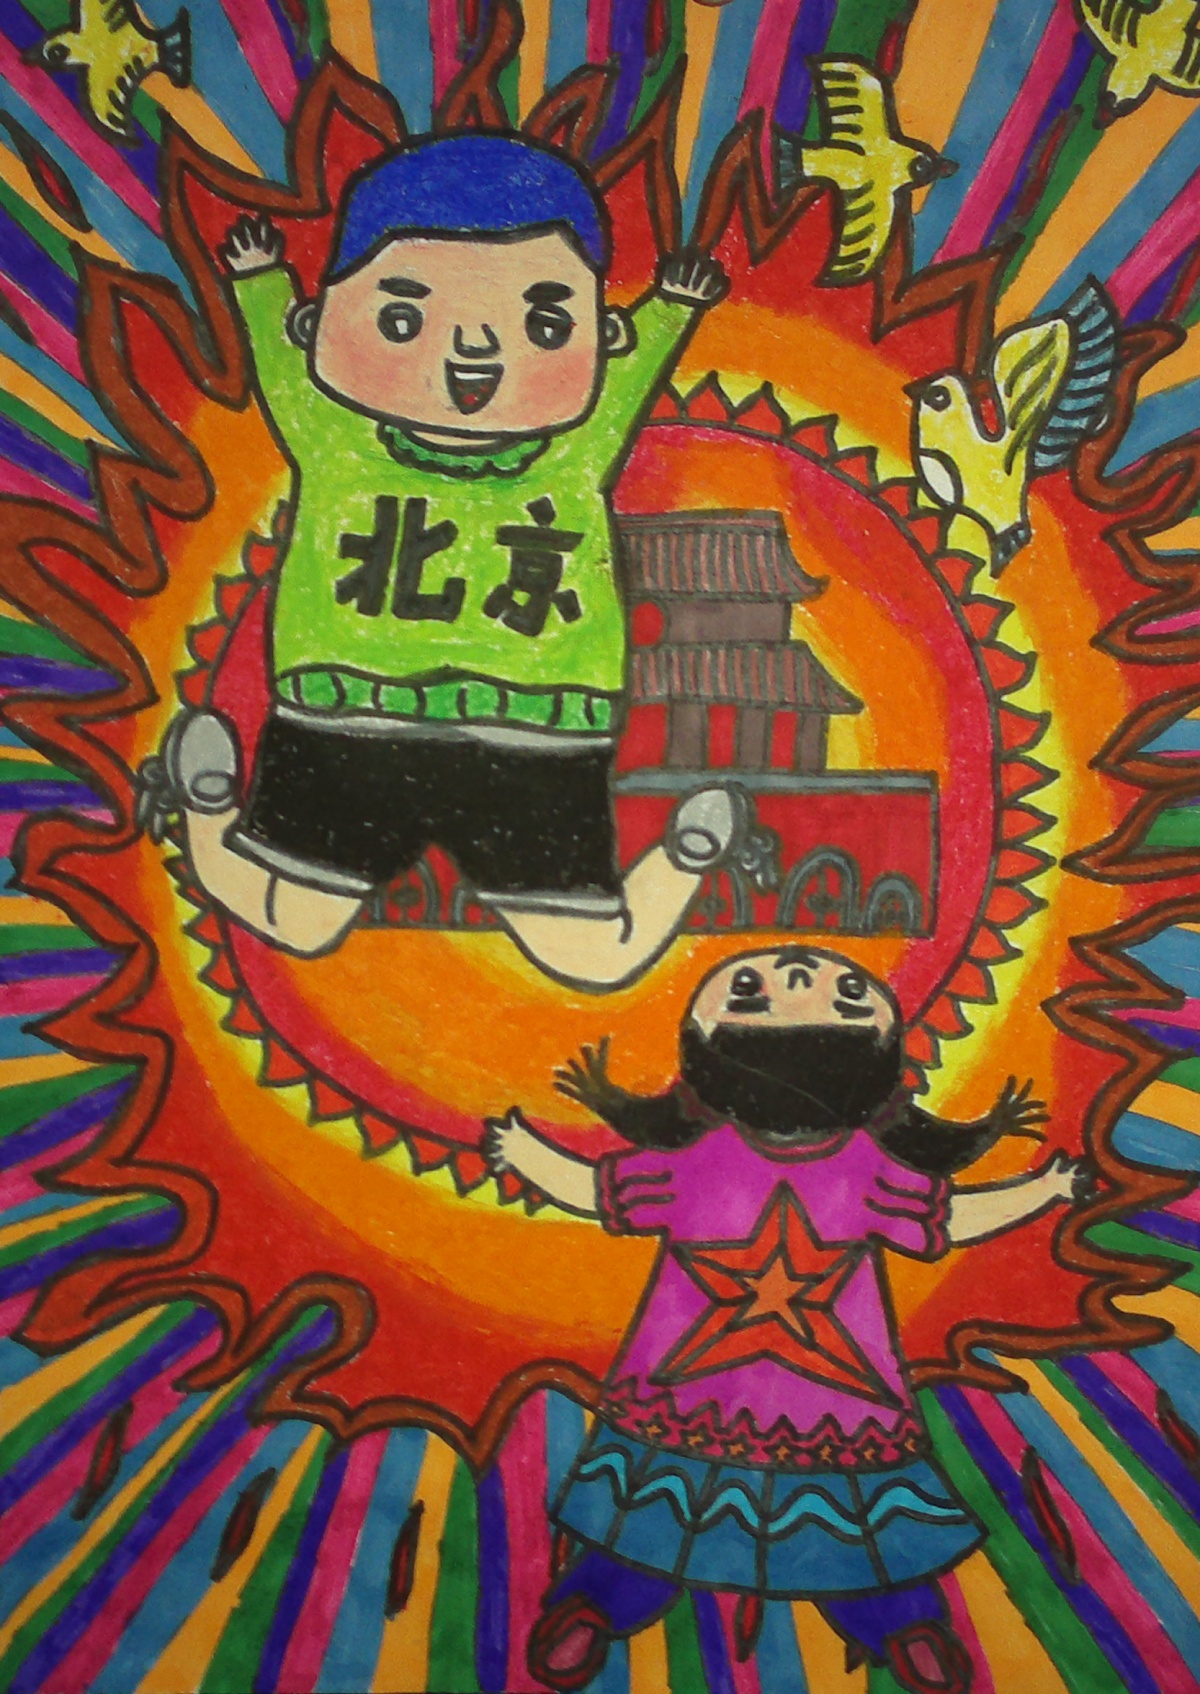 作品名称国庆 作者金梓桐 年龄10岁 家长联系方式18101171814 中国教科院北京大兴实验学校 辅导教师周婕.jpg